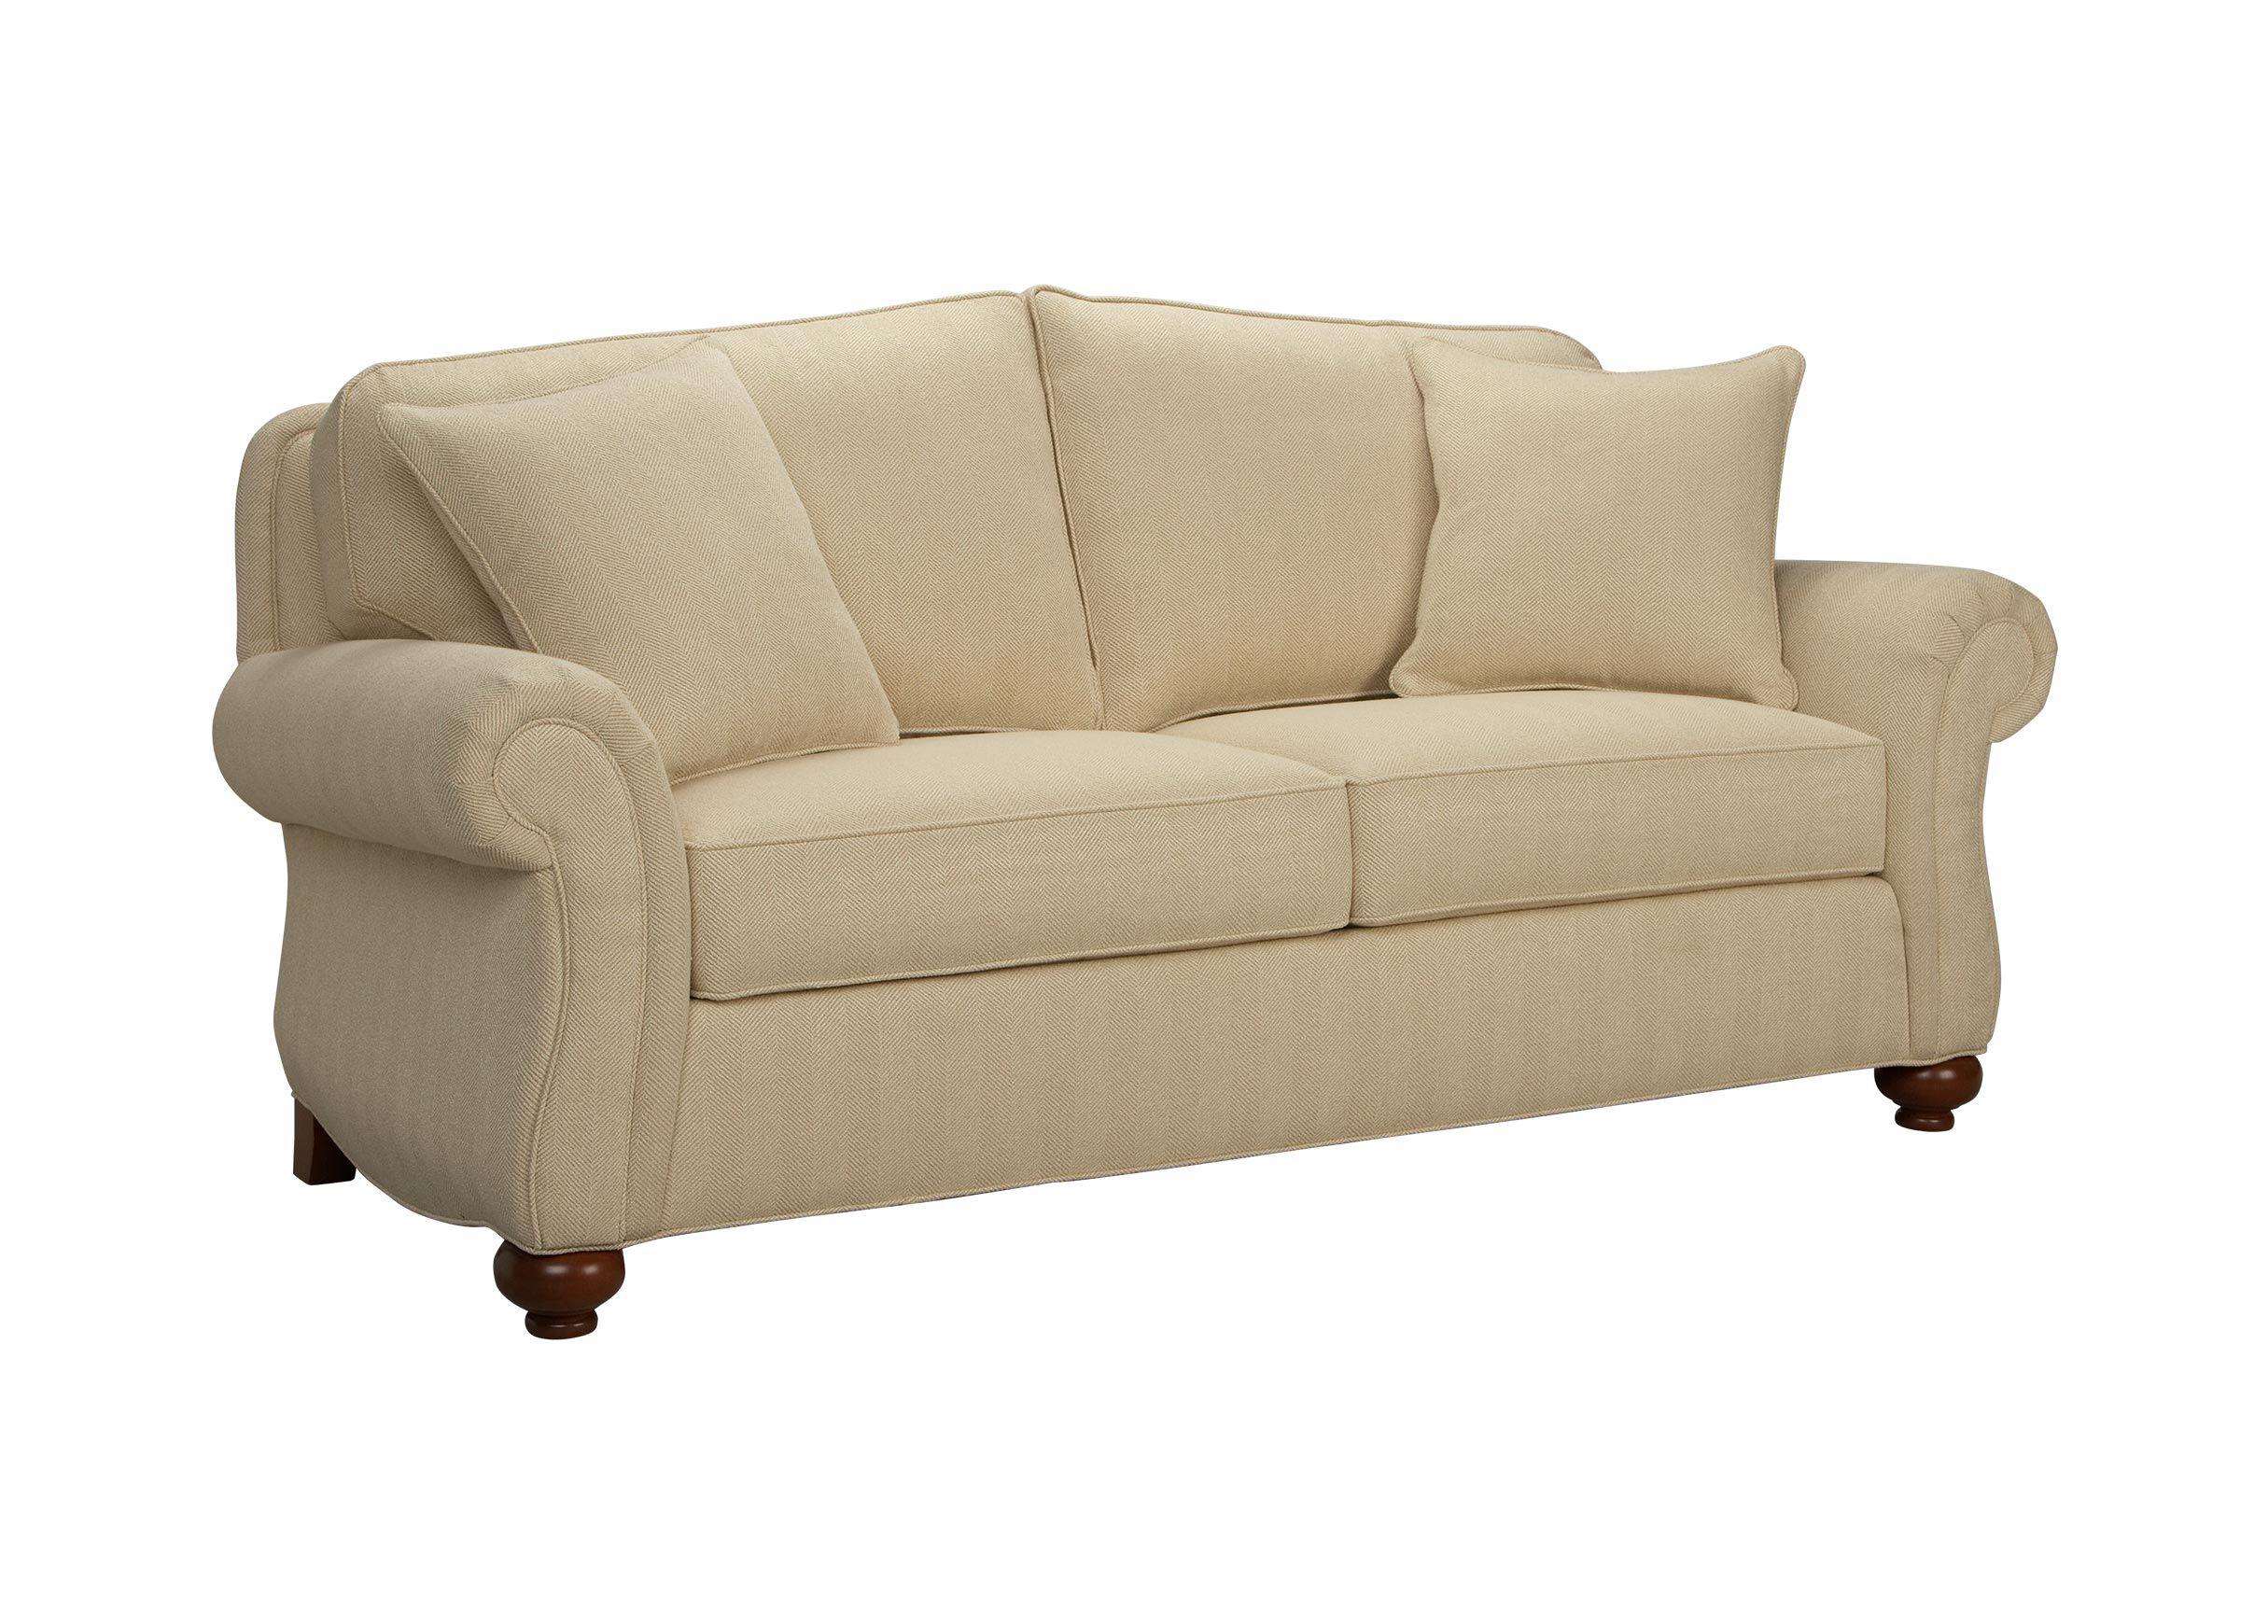 ethan allen sofas blue white striped sofa whitney leather